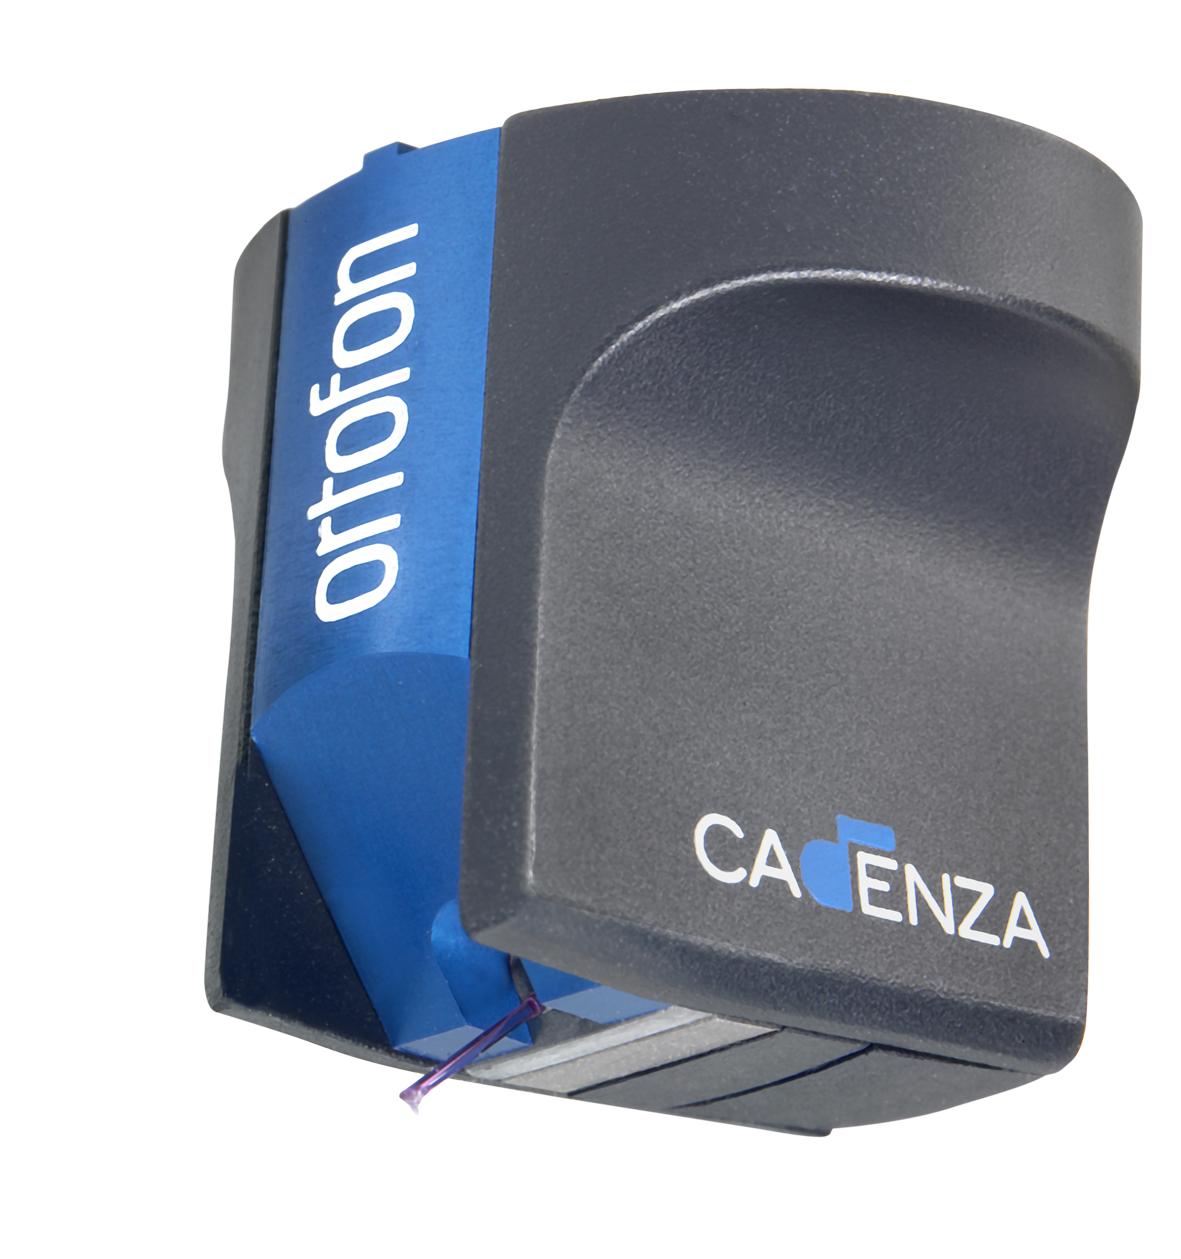 Ortofon Cadenza Blue äänirasia